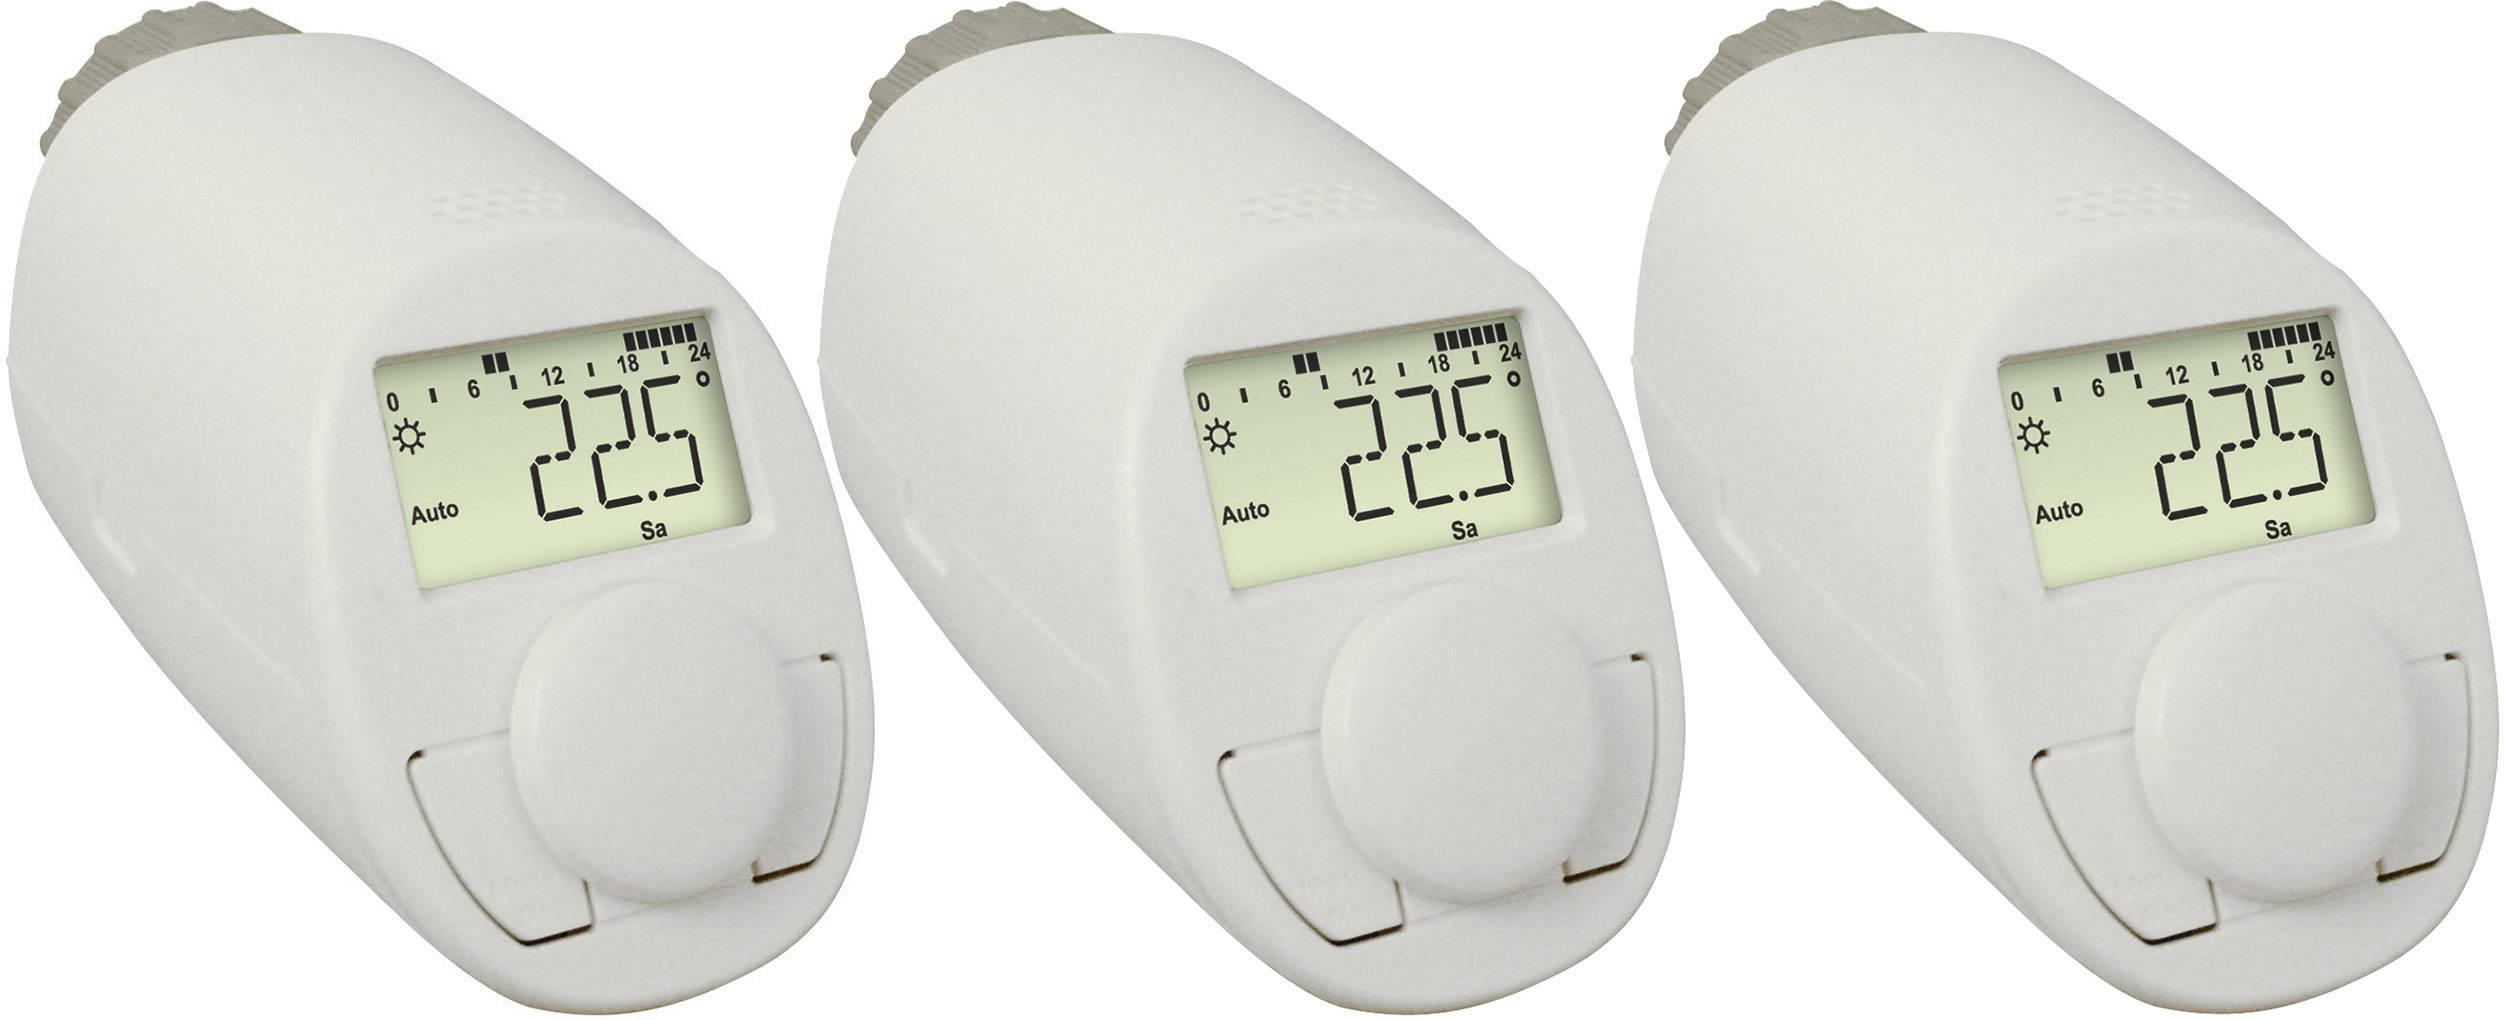 Programovateľná termostatická hlavica eqiva N 5 do 29.5 °C, sada 3 ks